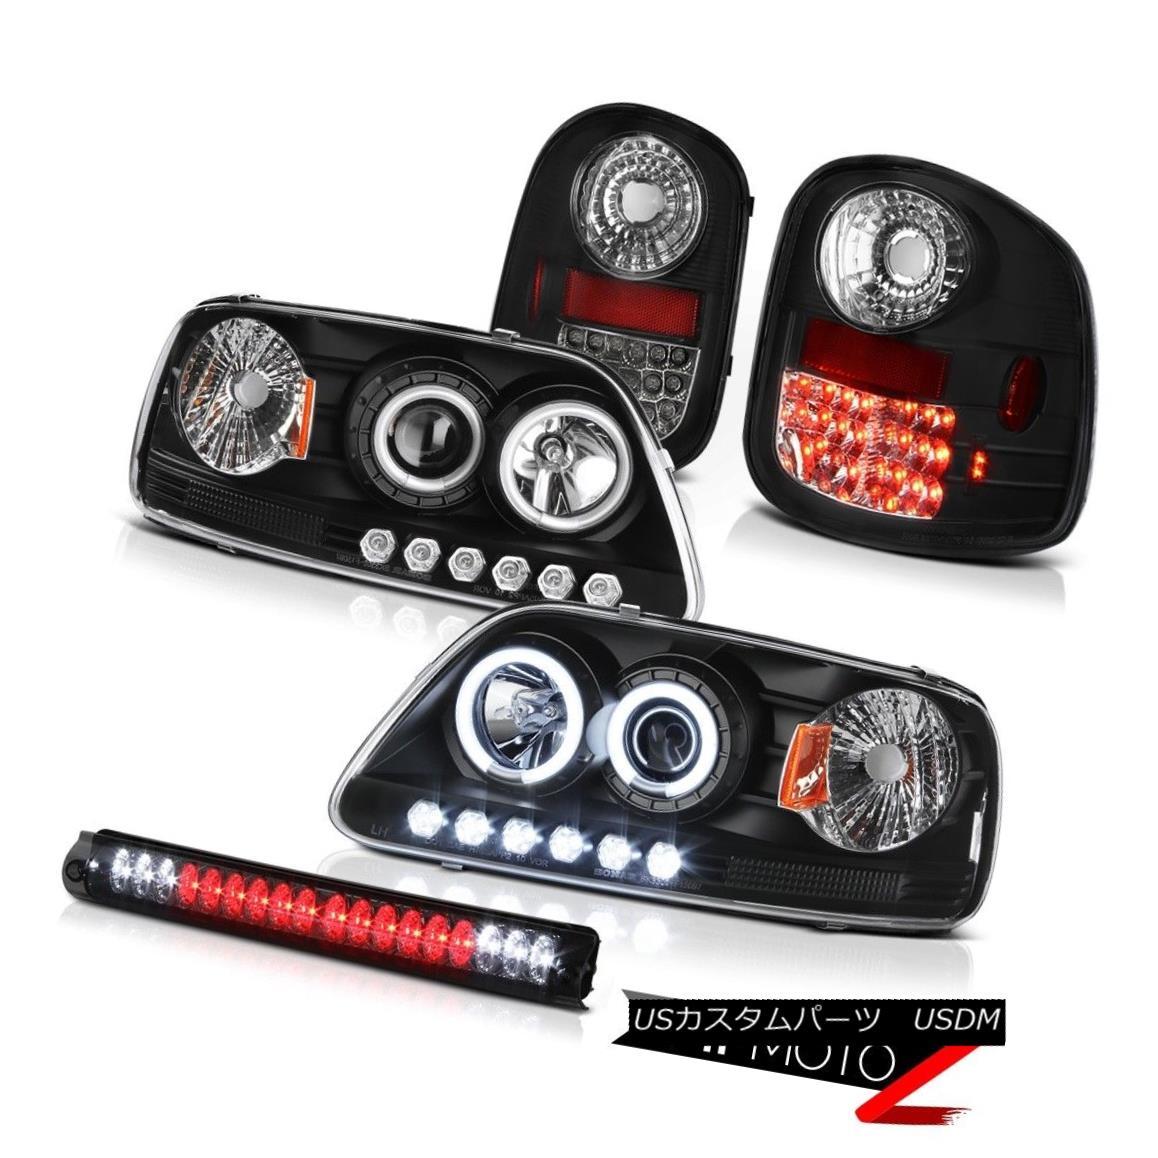 テールライト CCFL Headlights SMD Brake Tail Lights 3RD LED 1997-2003 F150 Flareside Lightning CCFLヘッドライトSMDブレーキテールライト3RD LED 1997-2003 F150 Flareside Lightning